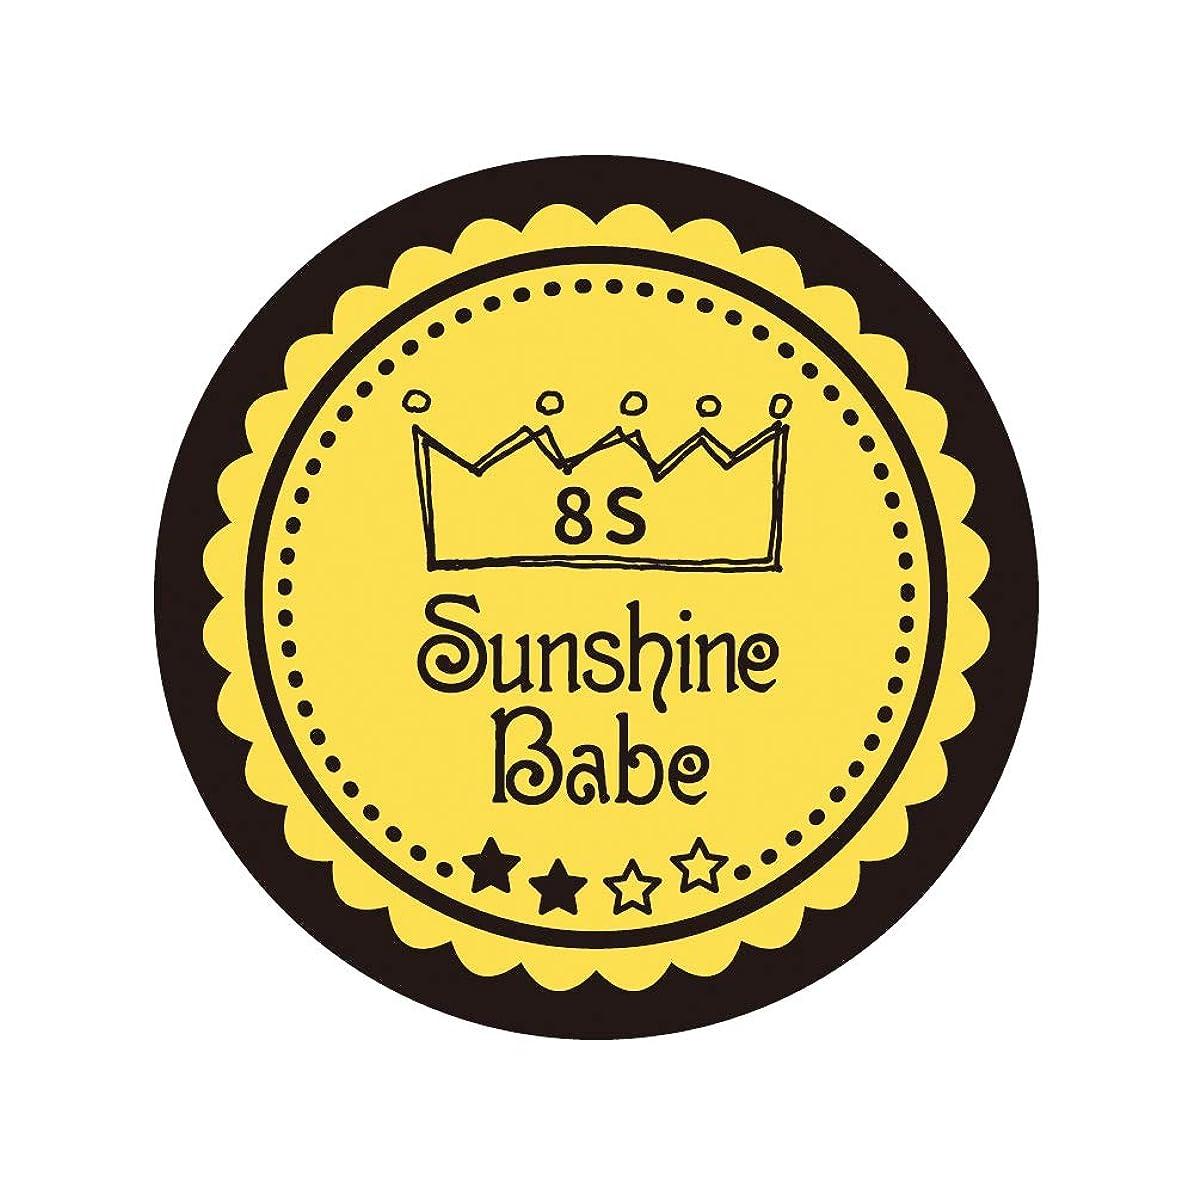 判読できないシュート散歩に行くSunshine Babe コスメティックカラー 8S メドウラーク 4g UV/LED対応